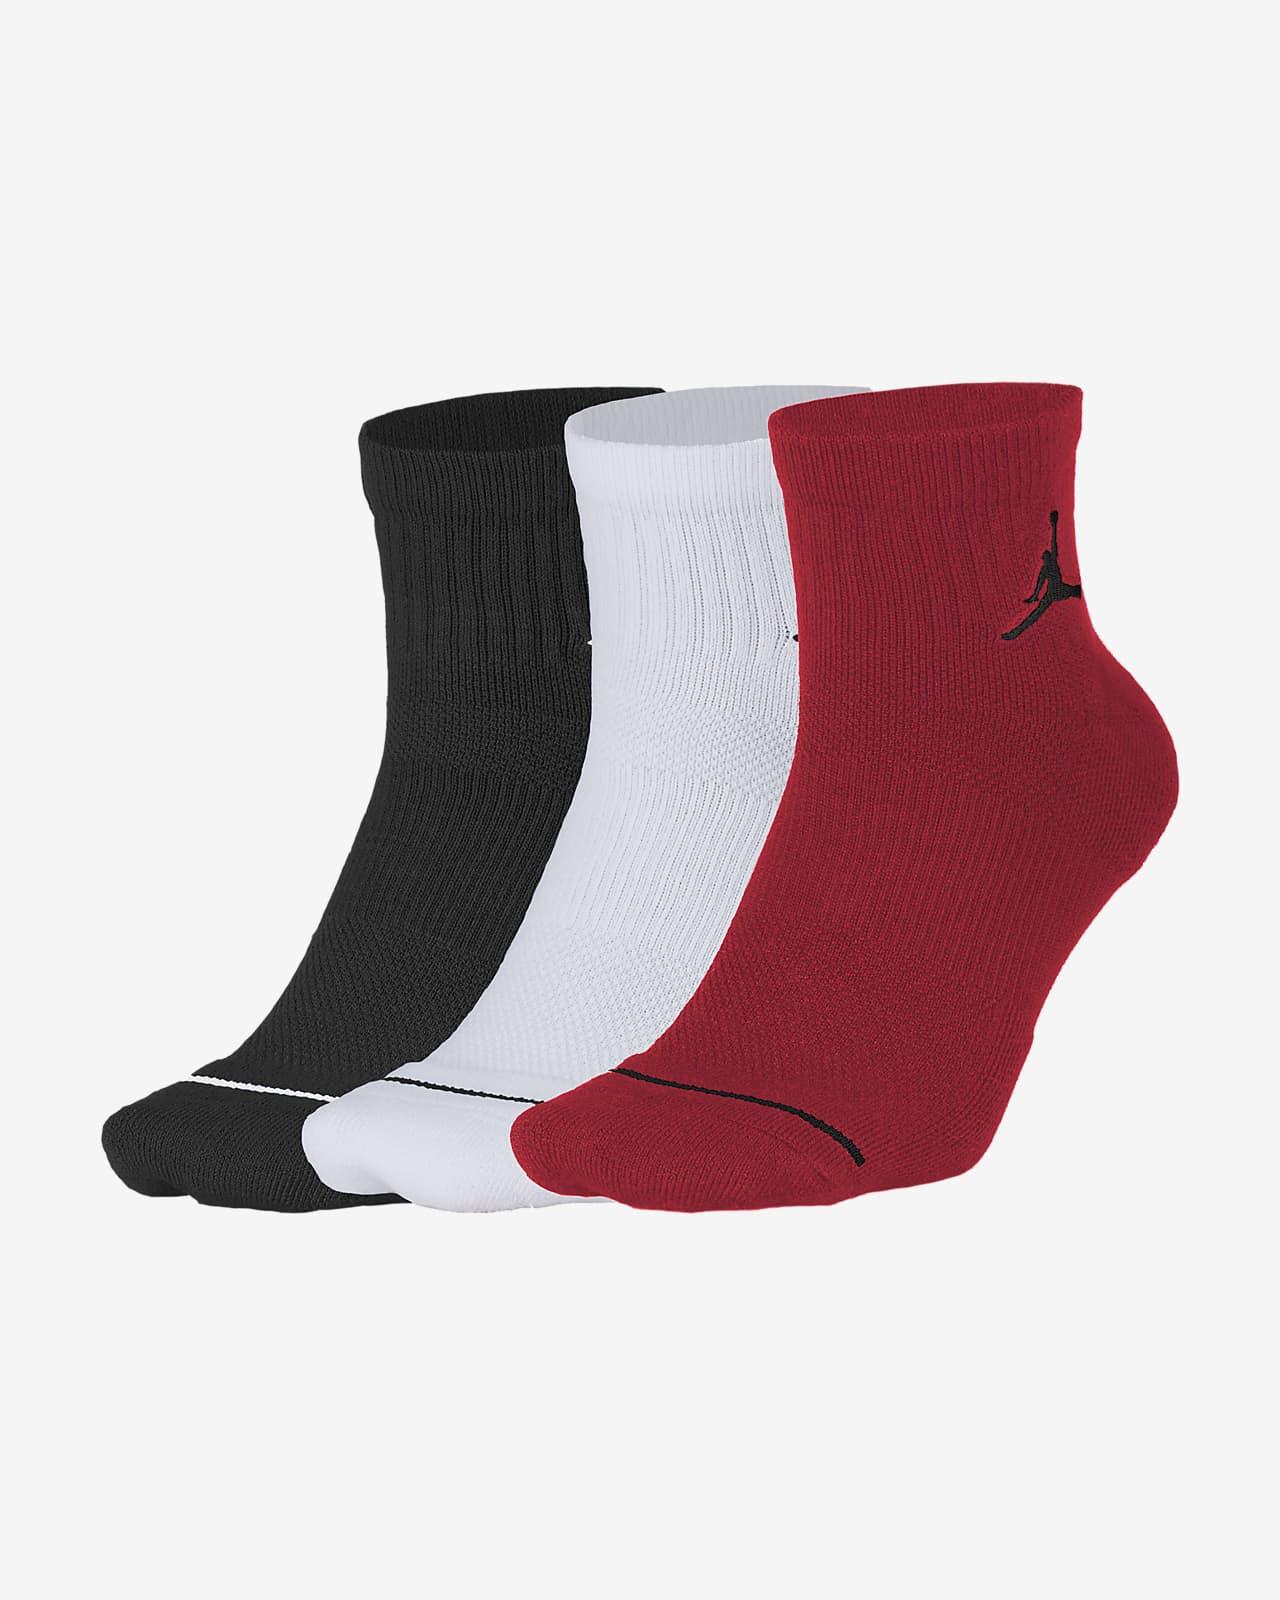 Meias pelo tornozelo Jordan Everyday Max (3 pares)